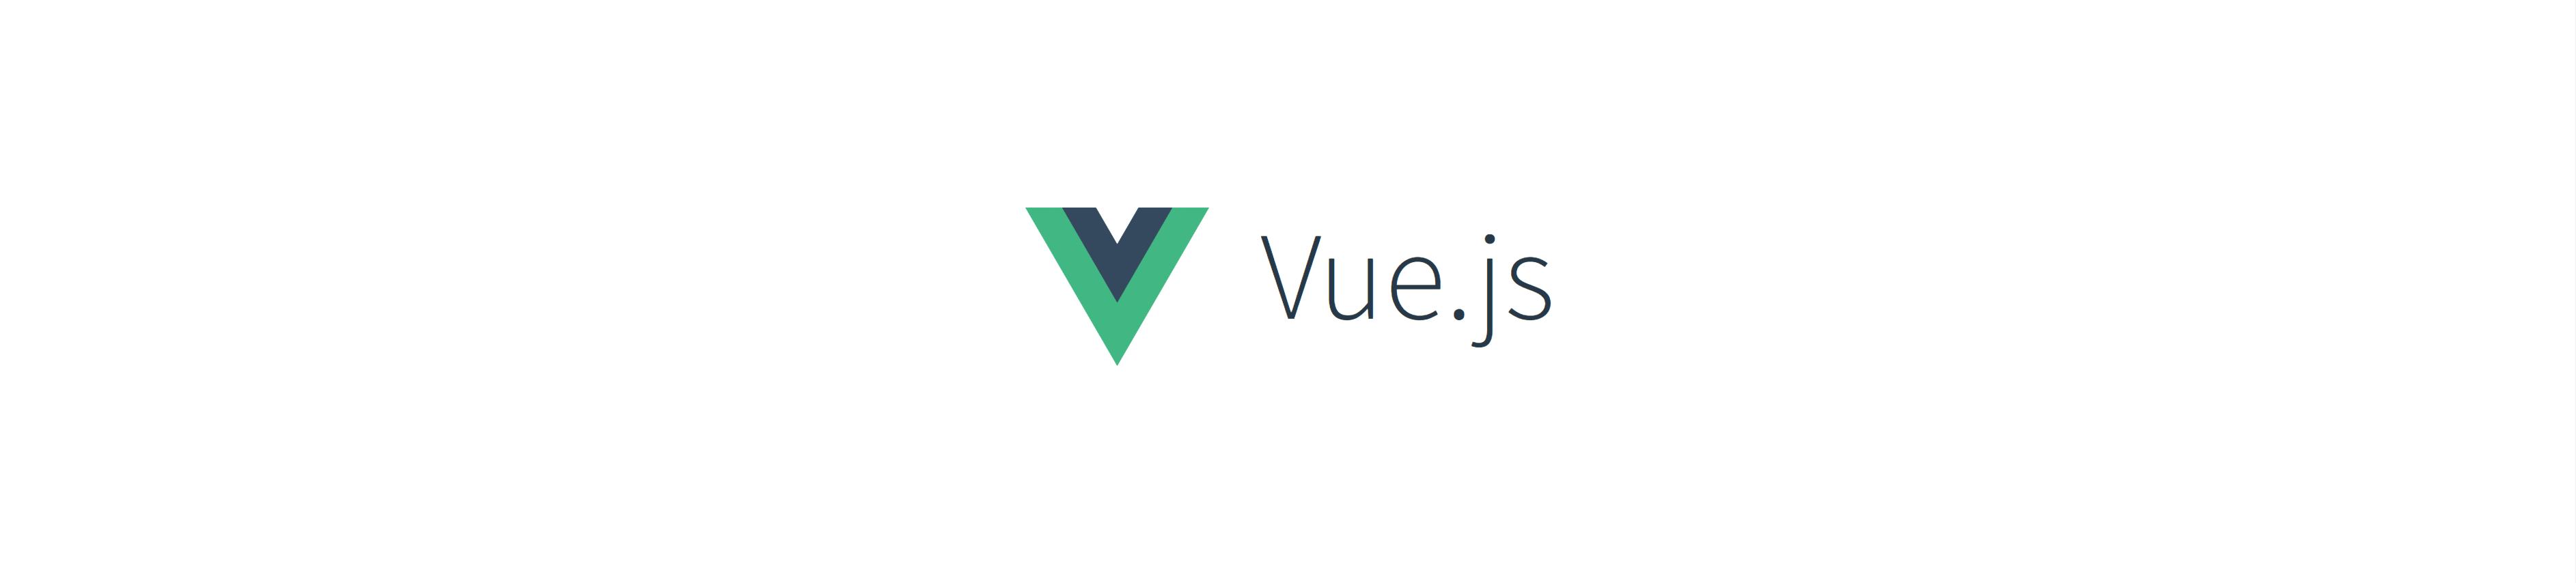 Vue.js - Logo